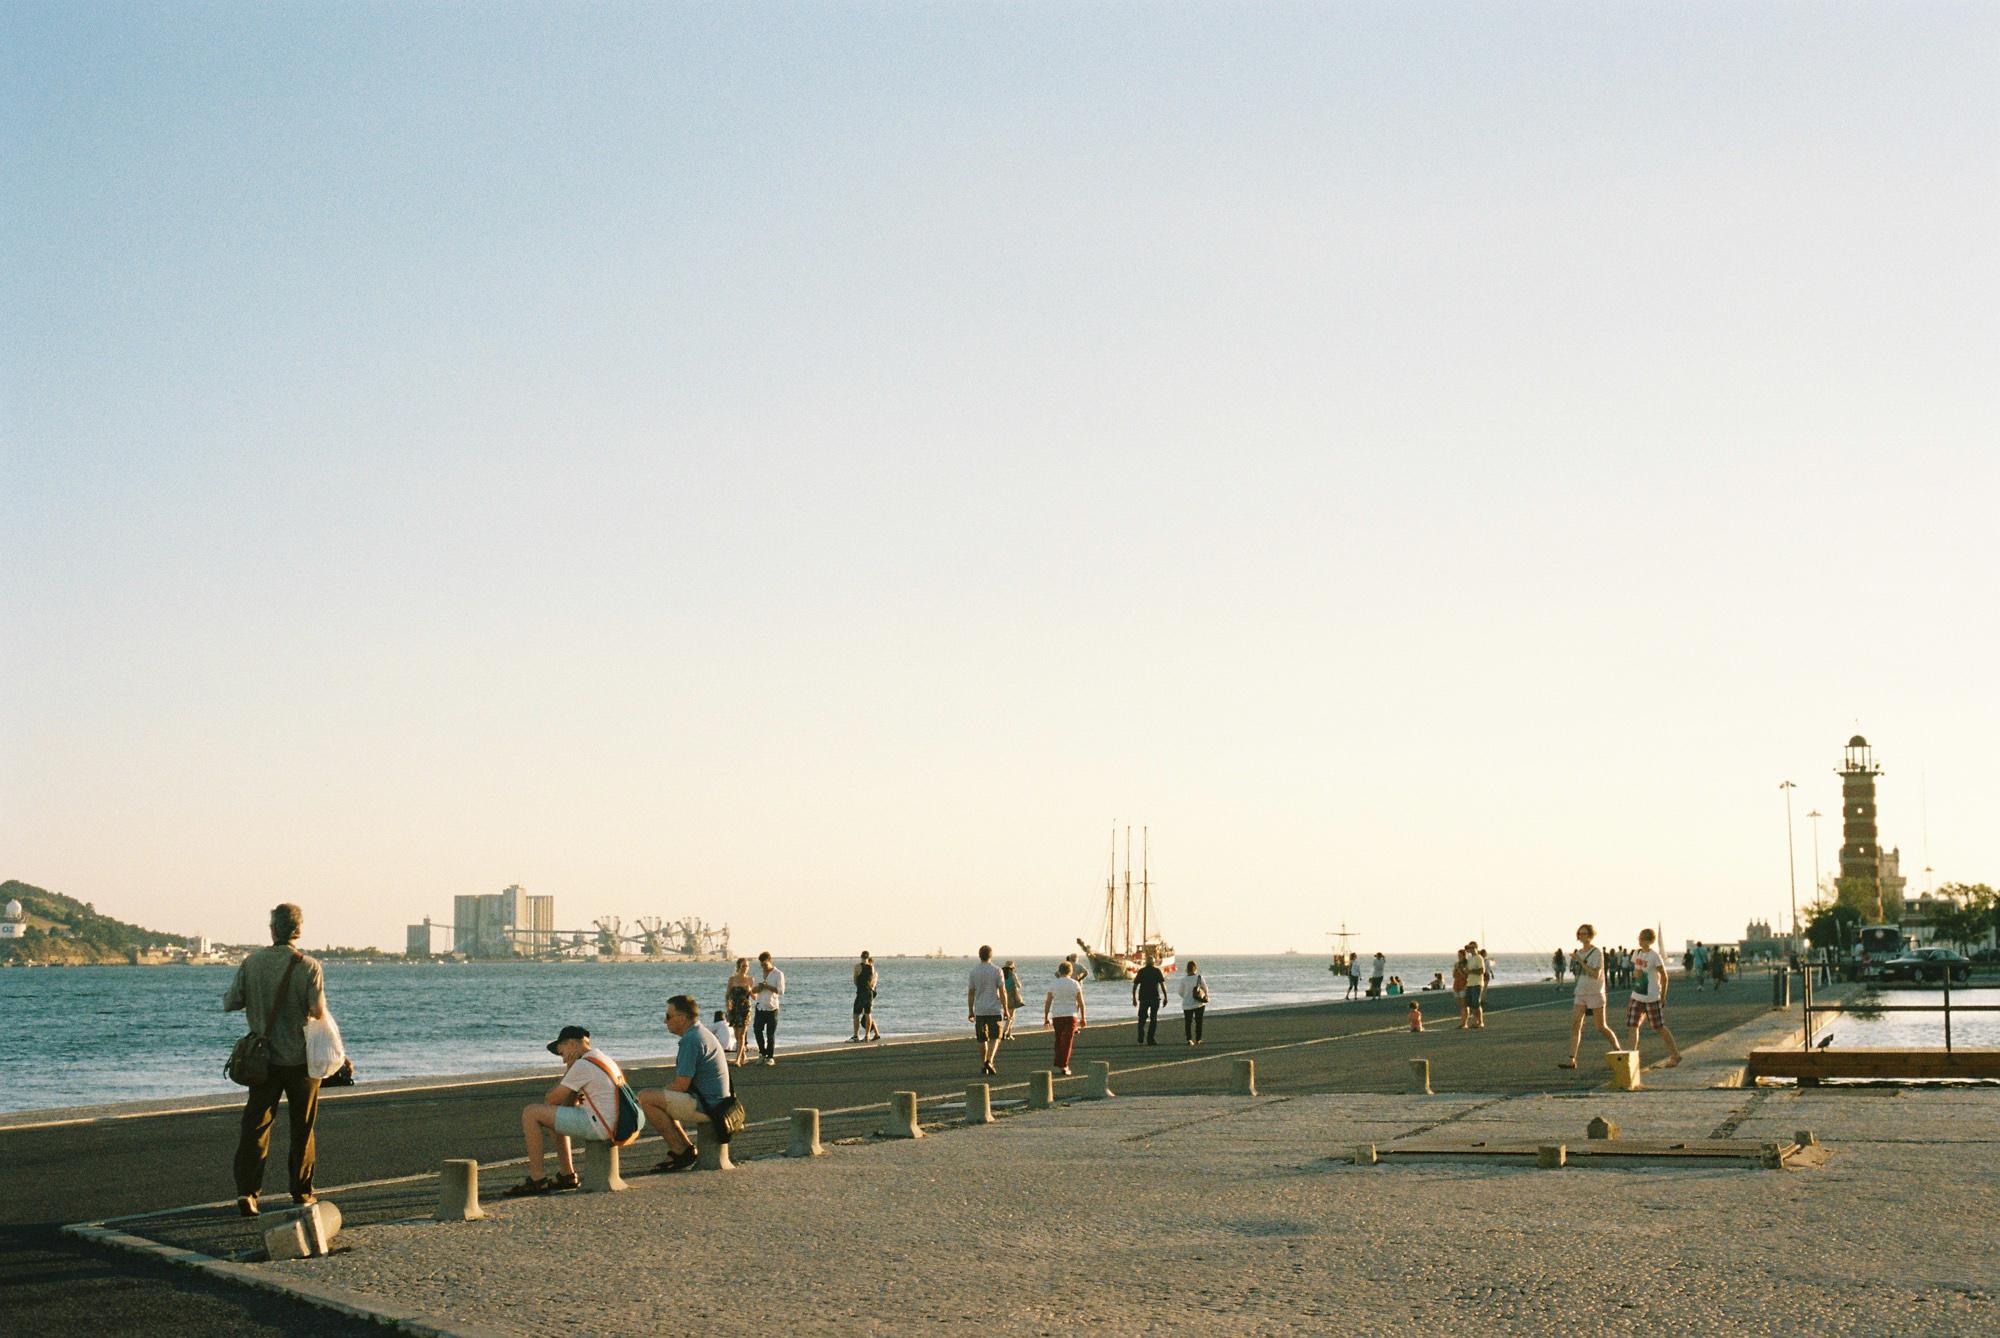 Fotografia-Analogica-Lisboa-Filme-Oceanica-13.jpg